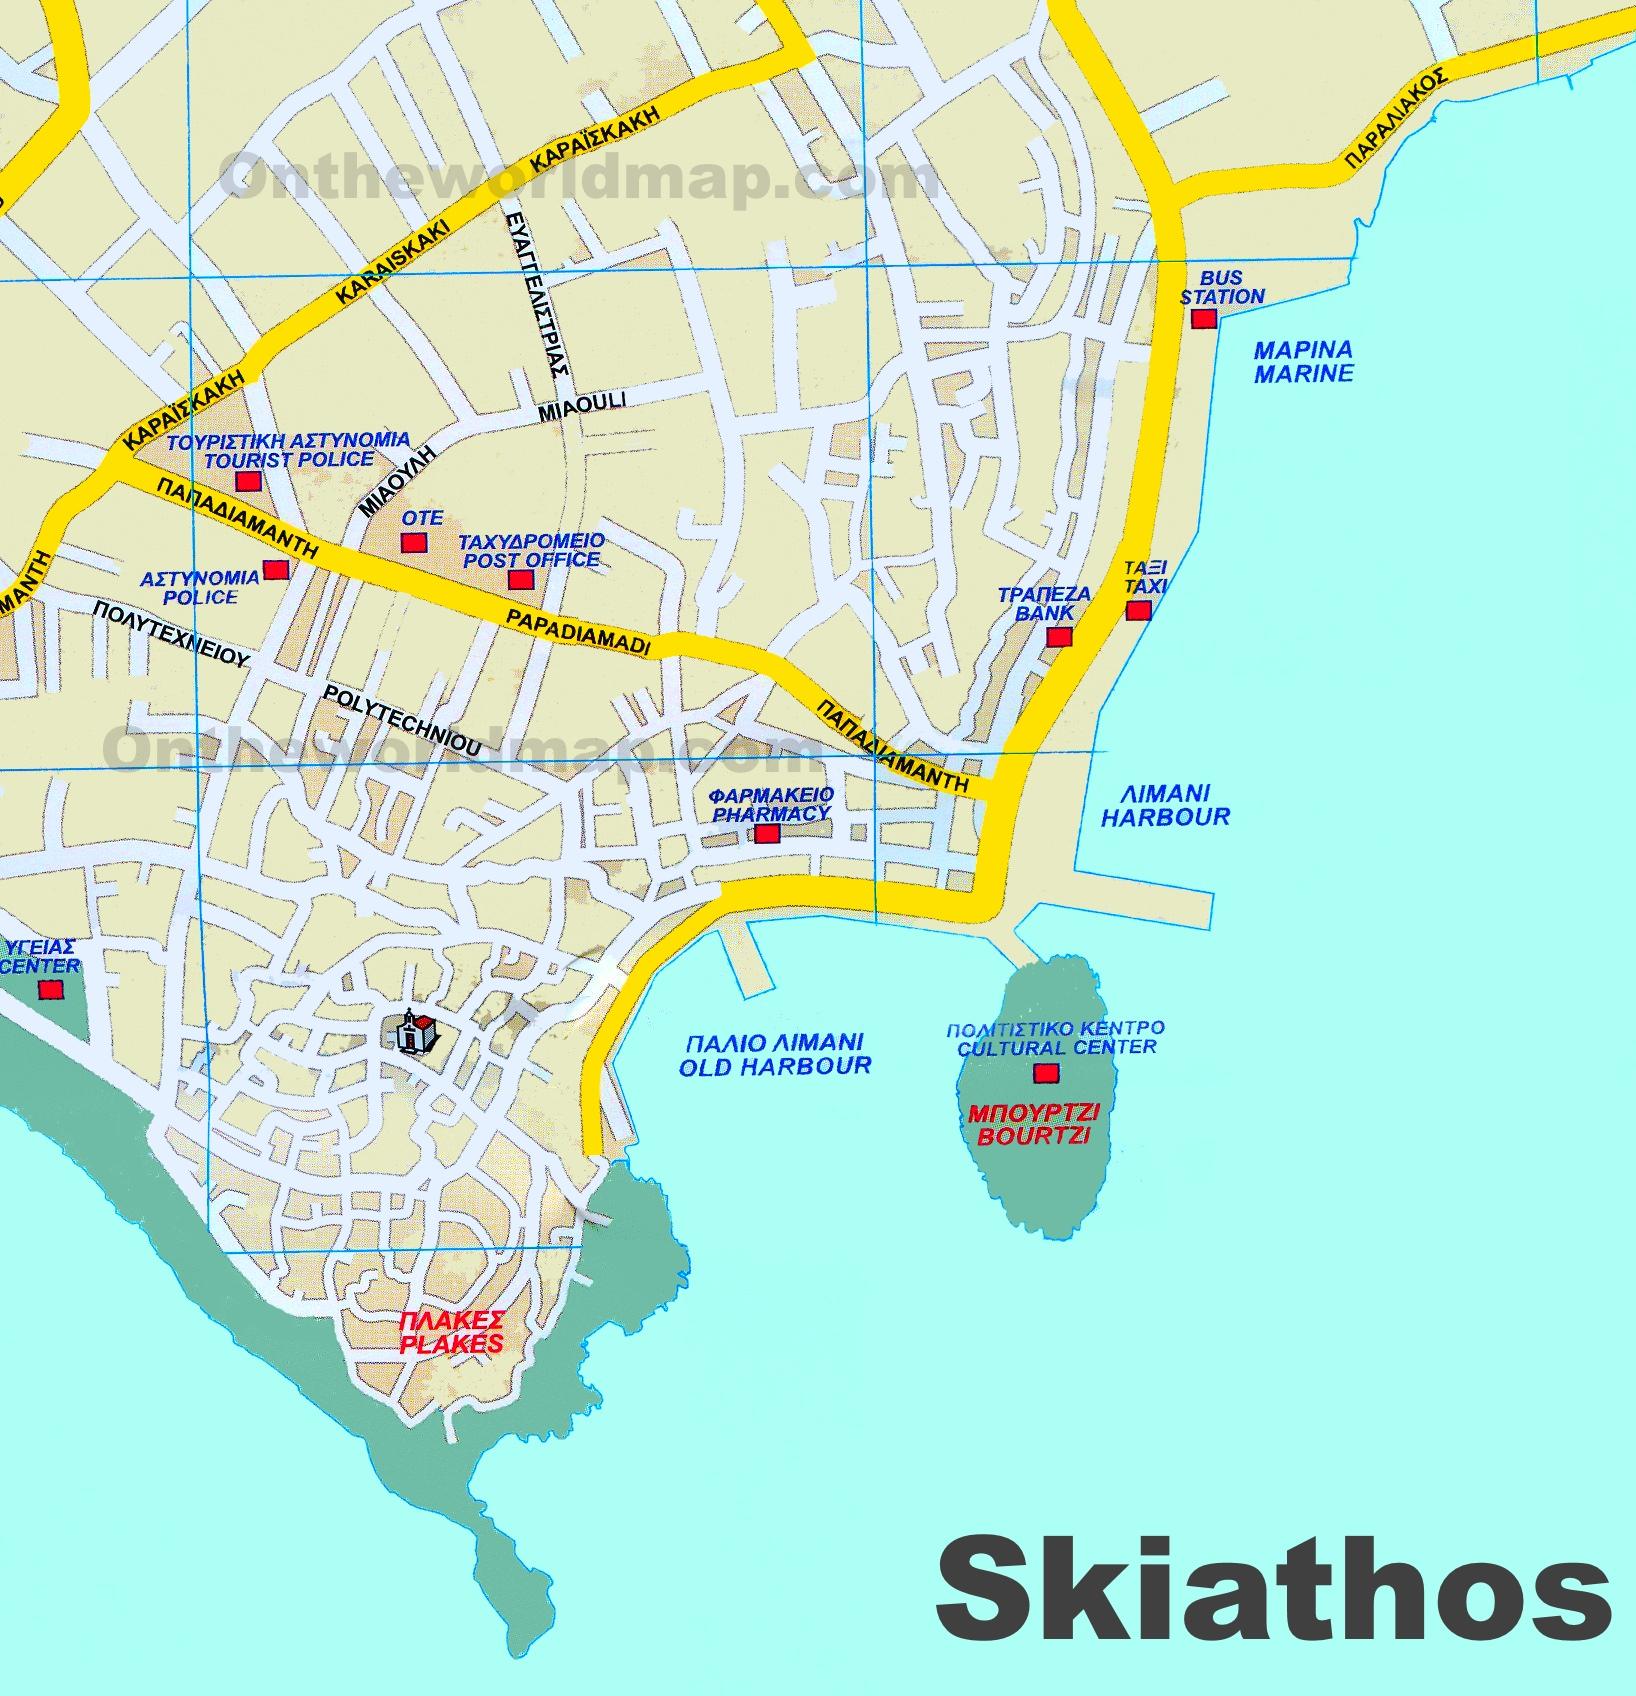 Skiathos Town tourist map